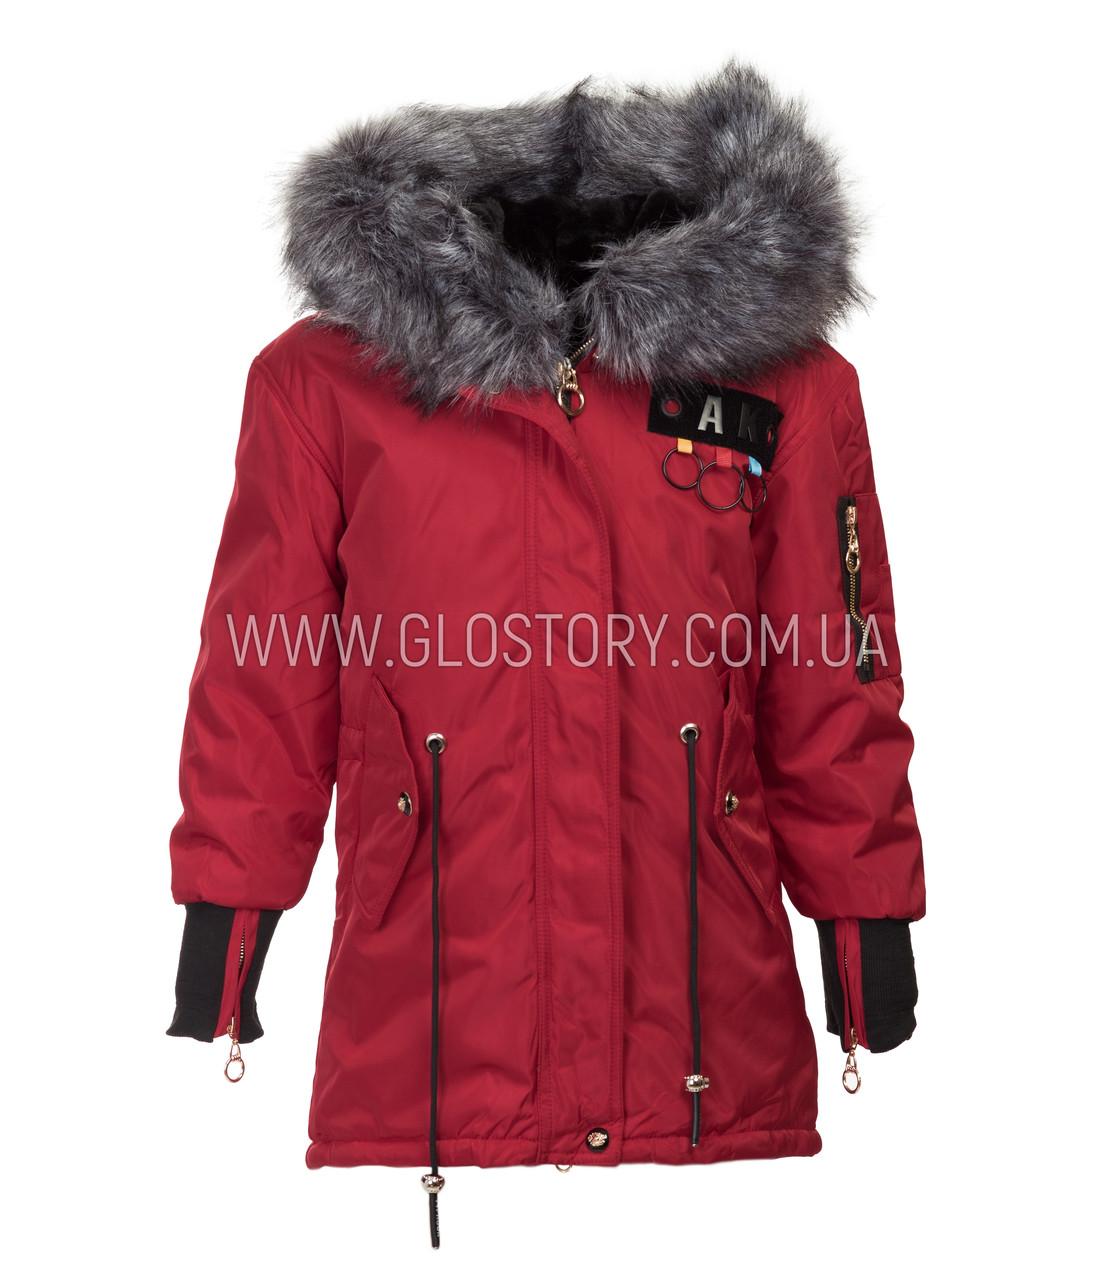 Куртка для девочки, со съемной подкладкой, 2 в 1